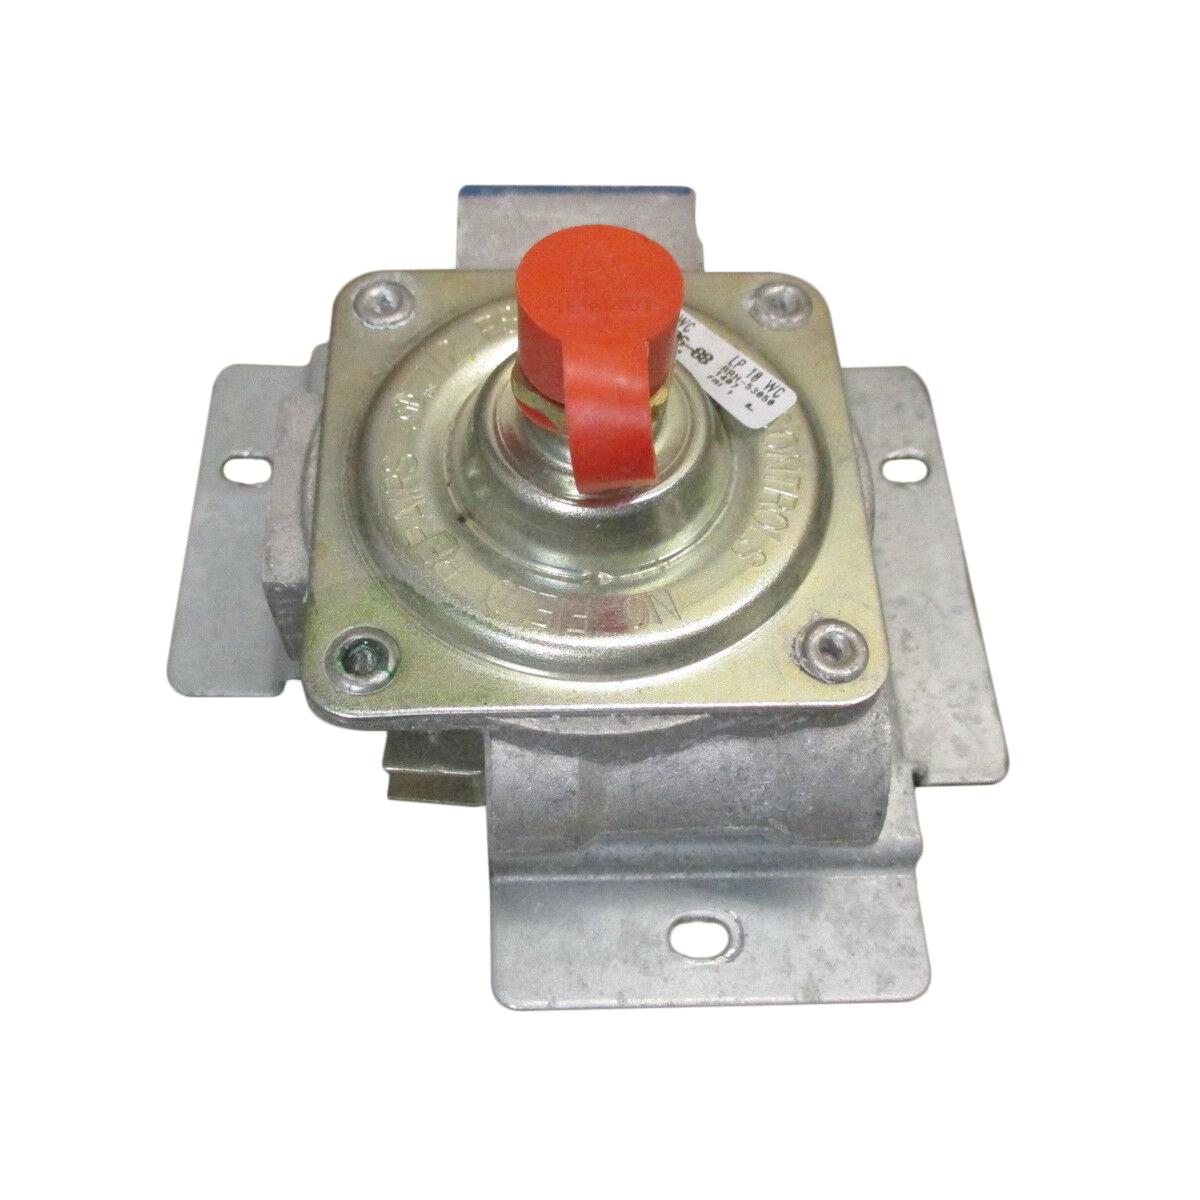 Ge Cgs750p4m1w2 Pressure Regulator